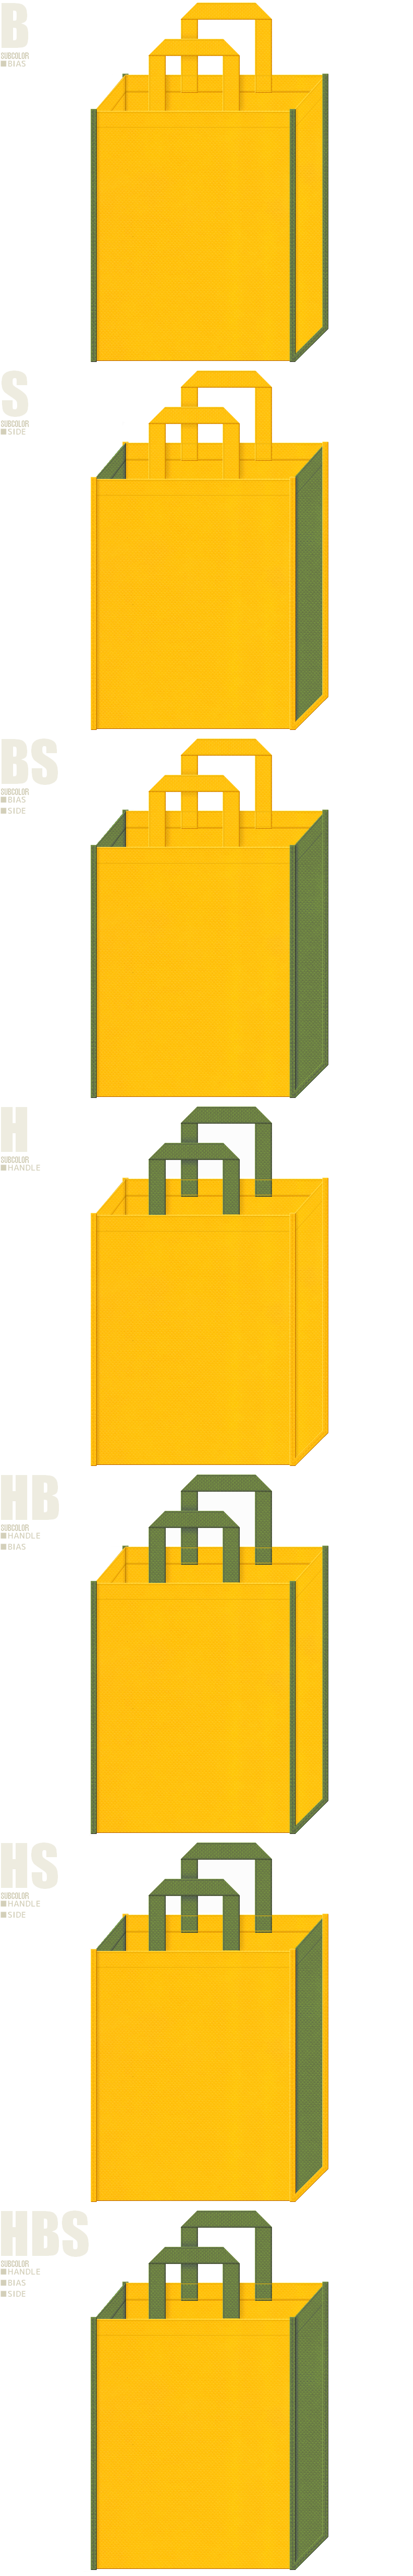 和菓子のショッピングバッグにお奨めの、黄色と草色、7パターンの不織布トートバッグ配色デザイン例。栗と抹茶のイメージ。